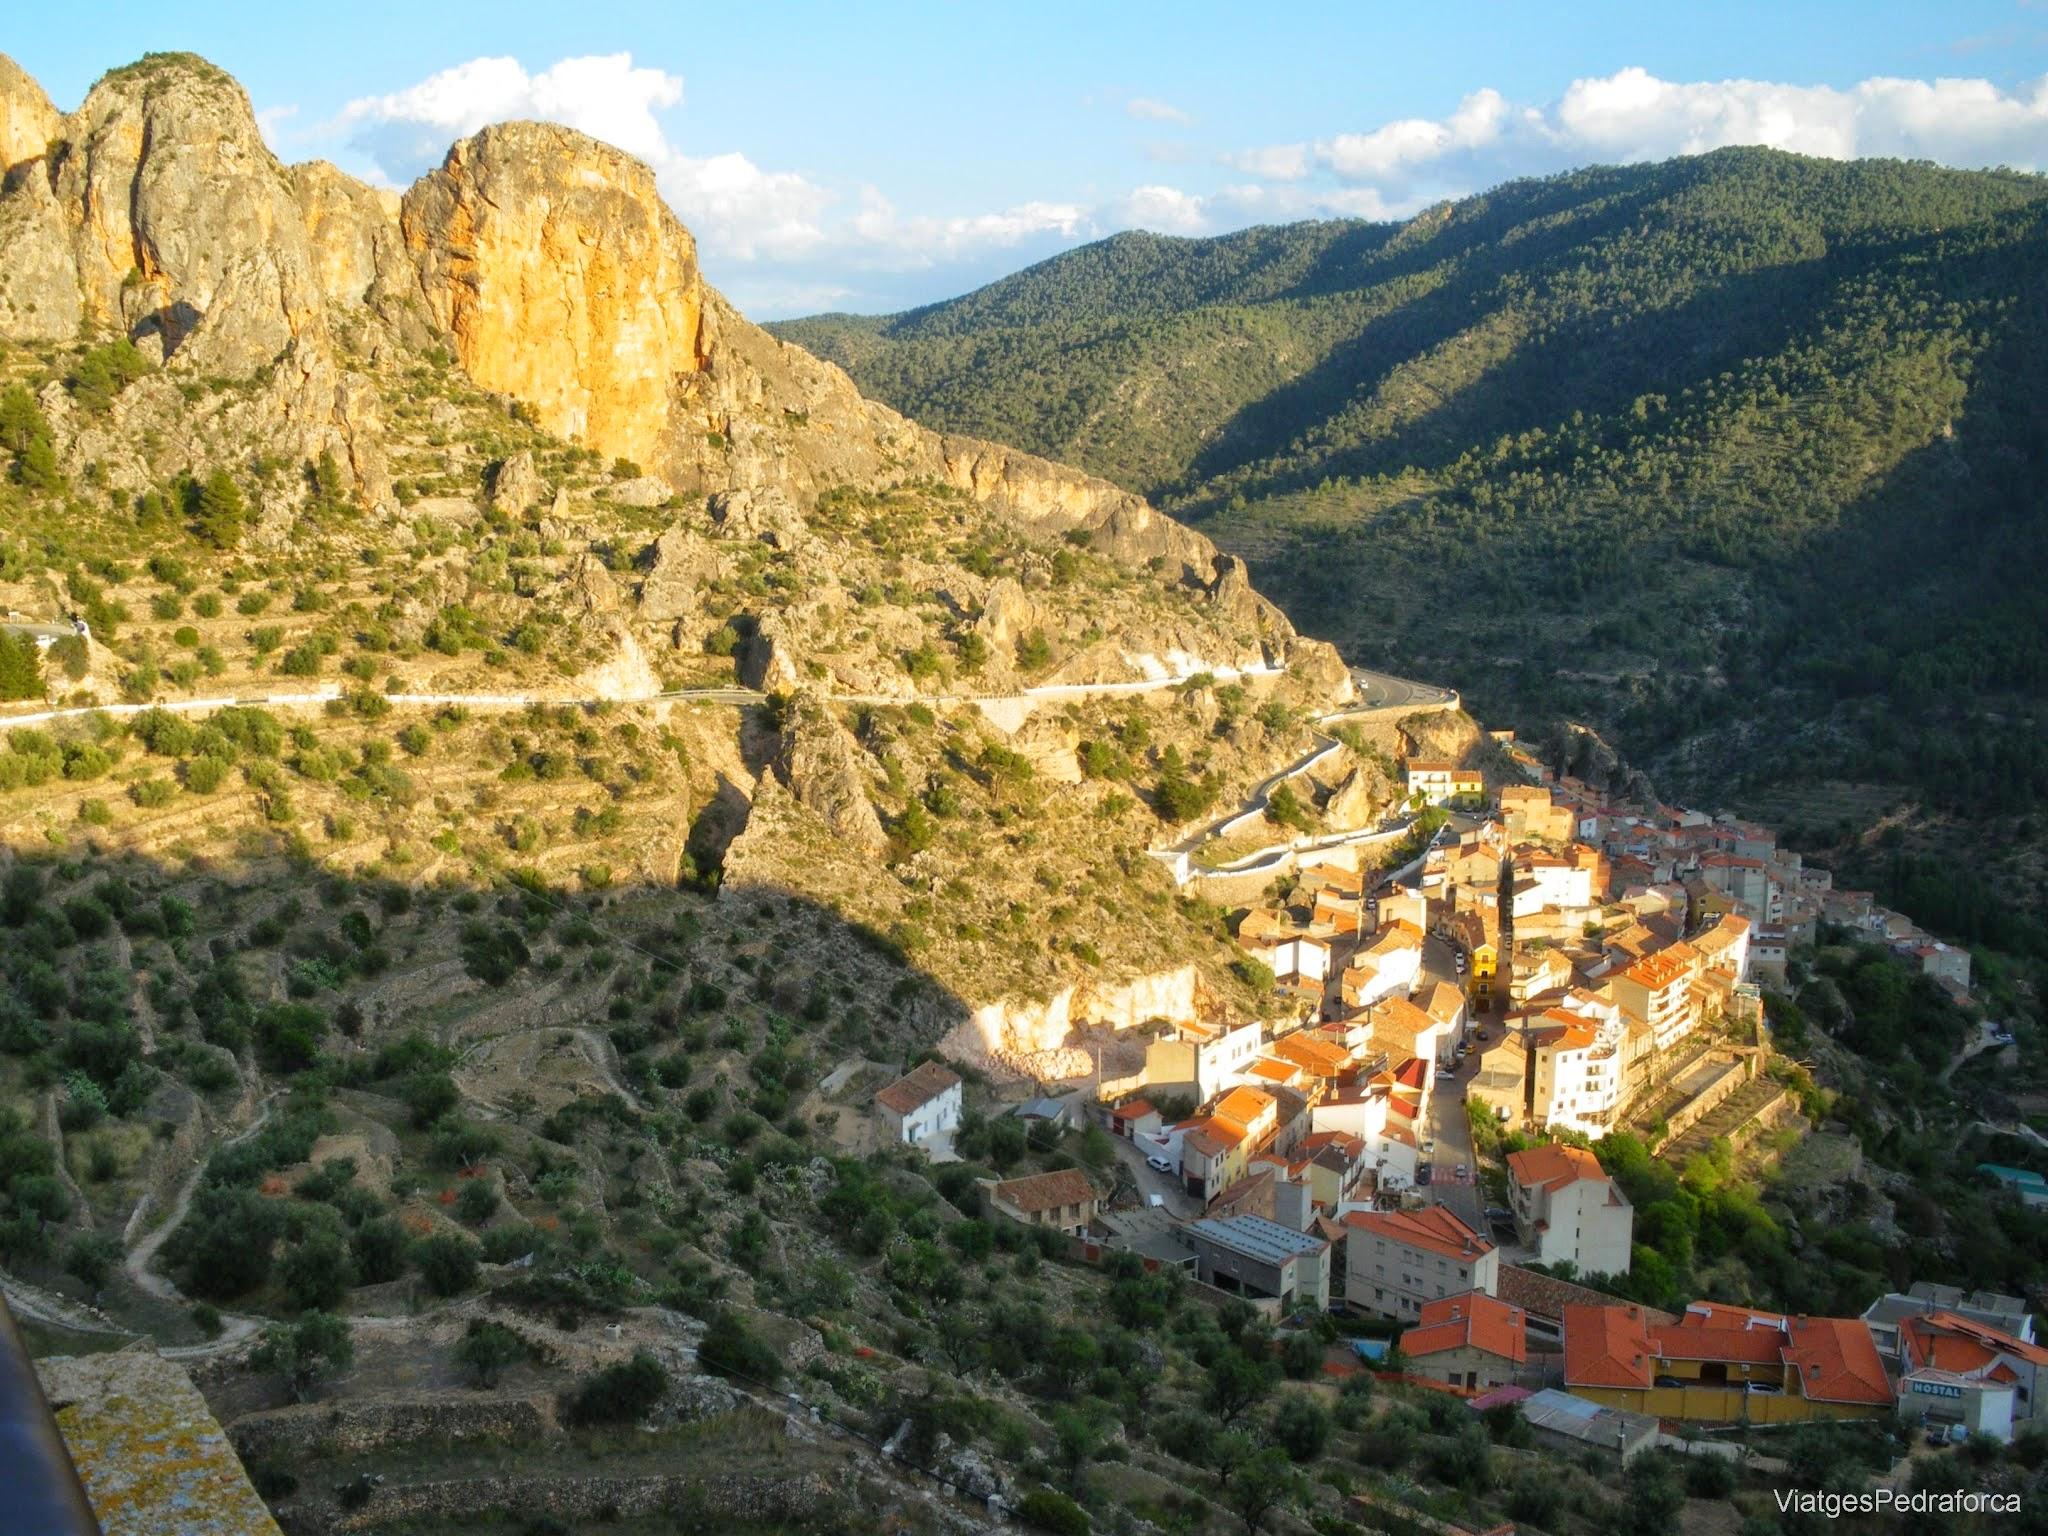 Ayna, Albacete, Castilla La Mancha, Amanece que no es poco, La Suiza Manchega